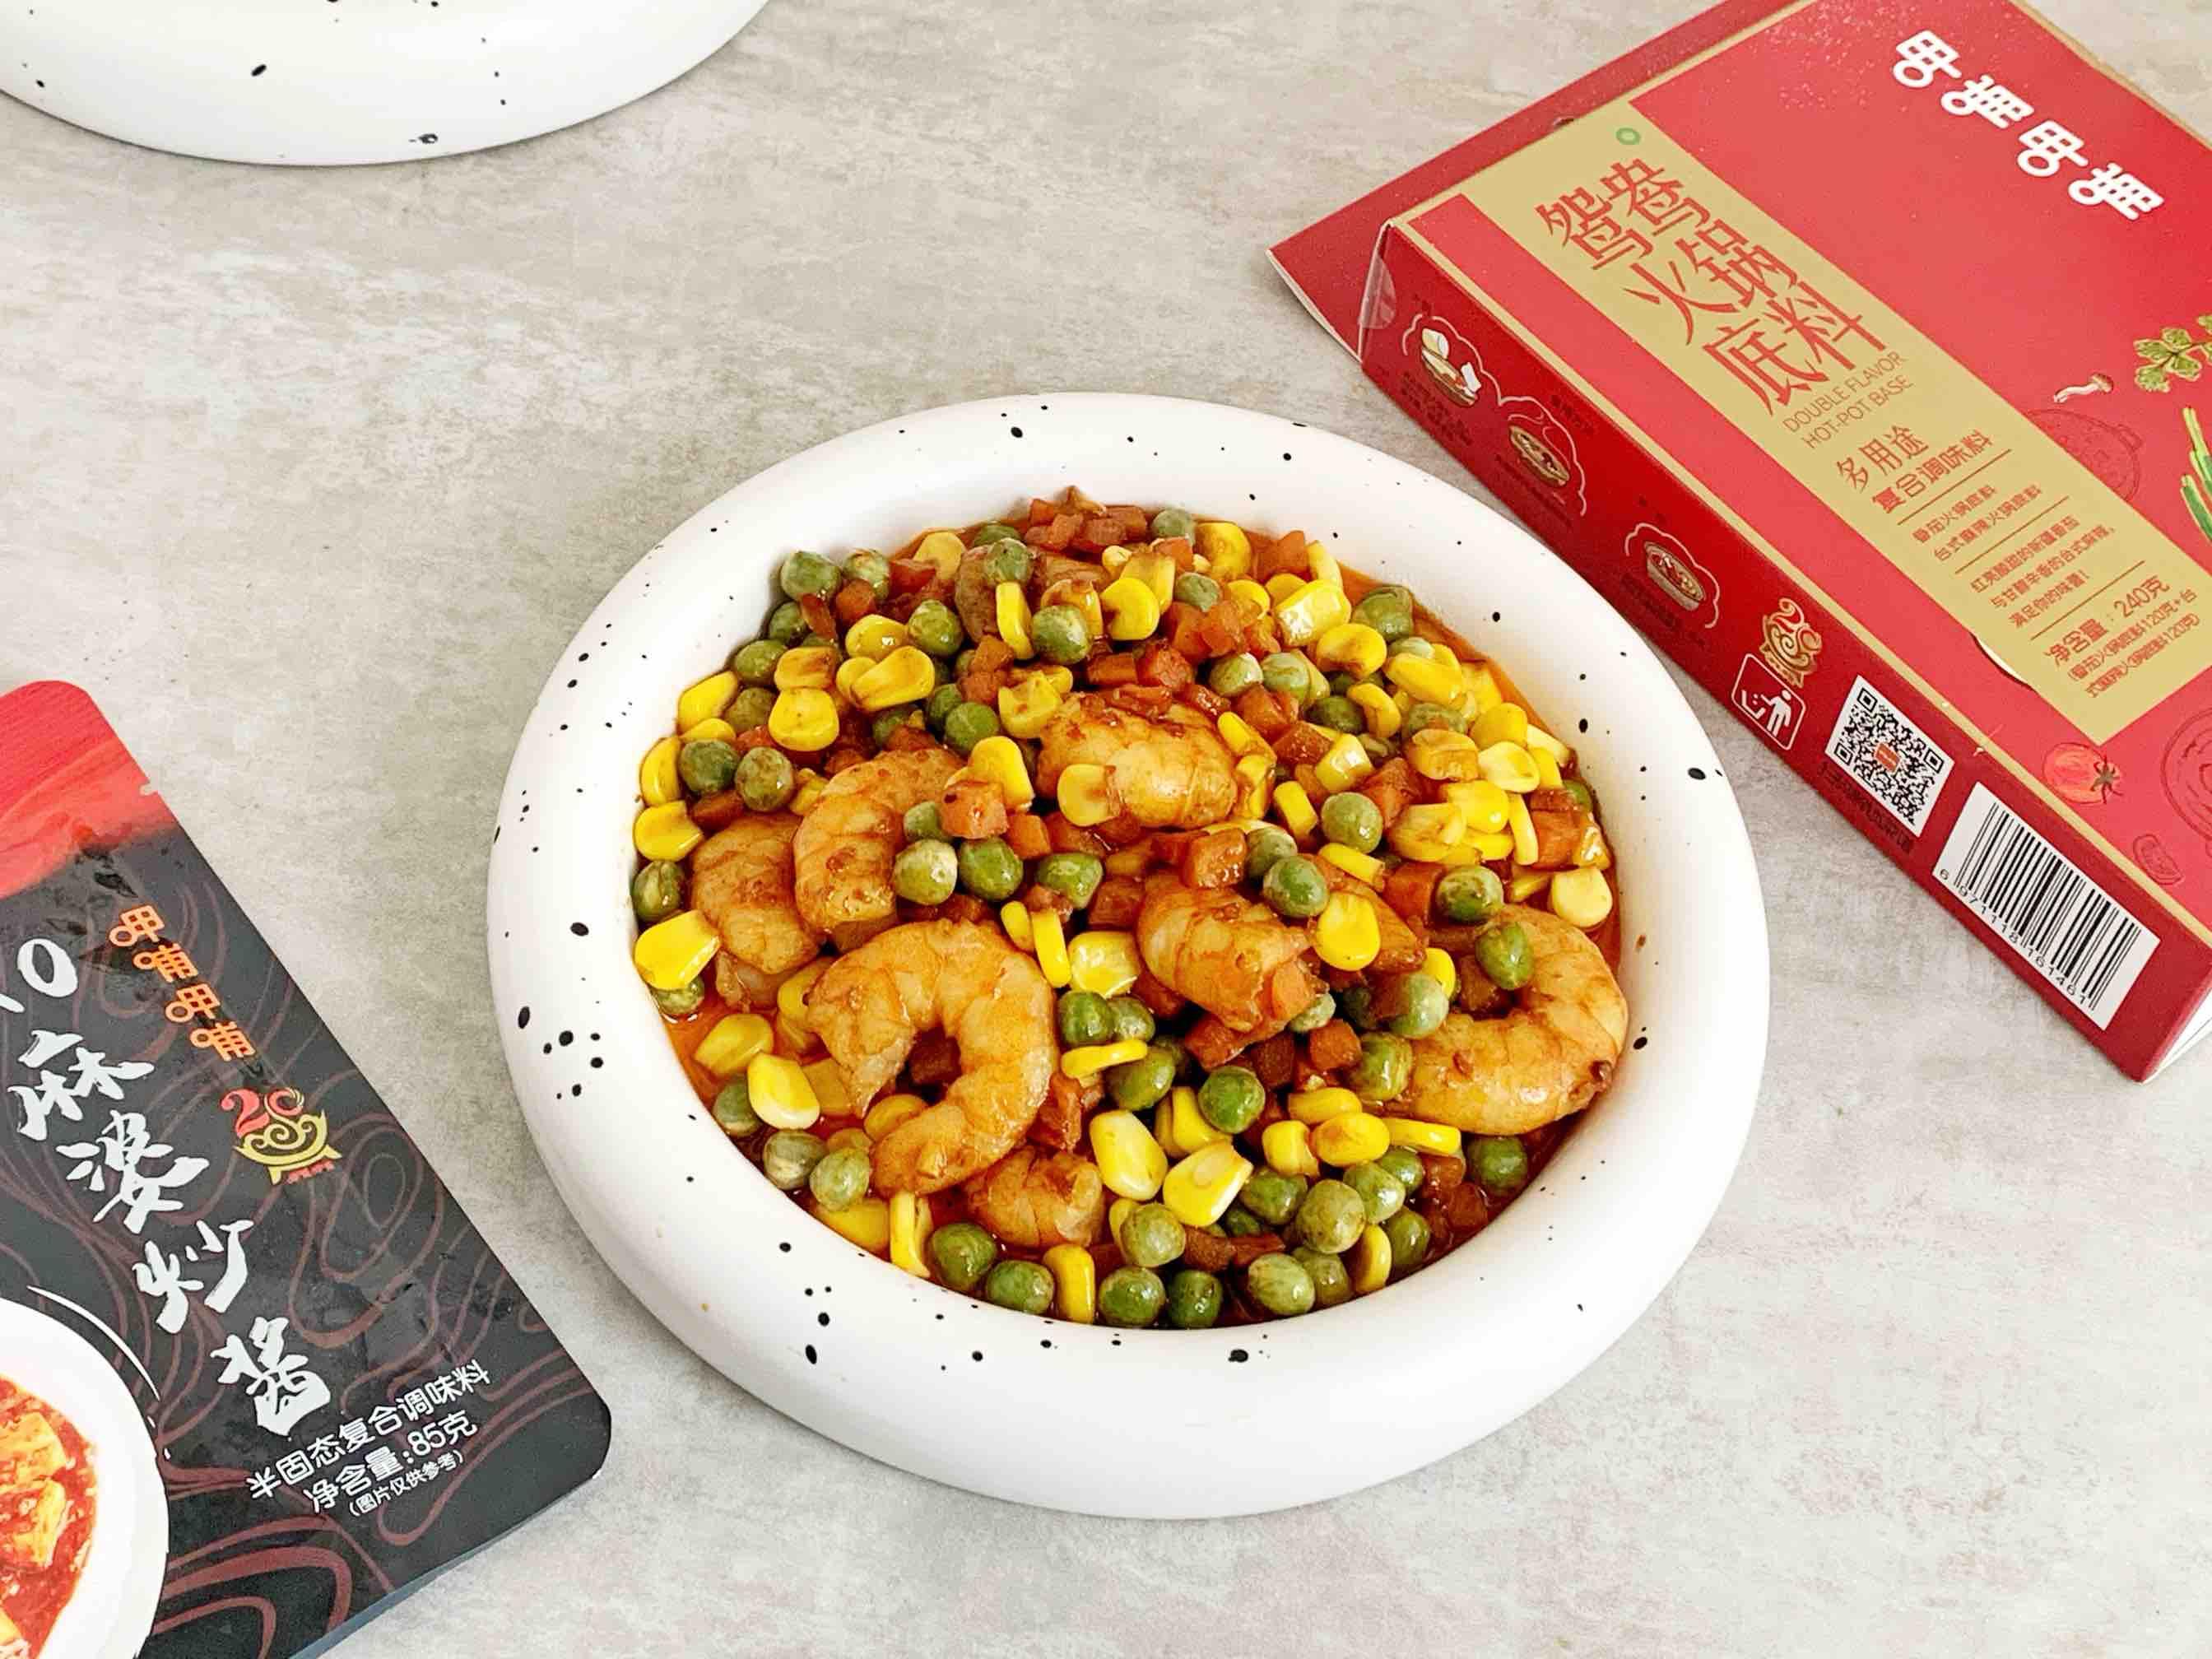 分分钟光盘❗️虾仁炒杂蔬成品图